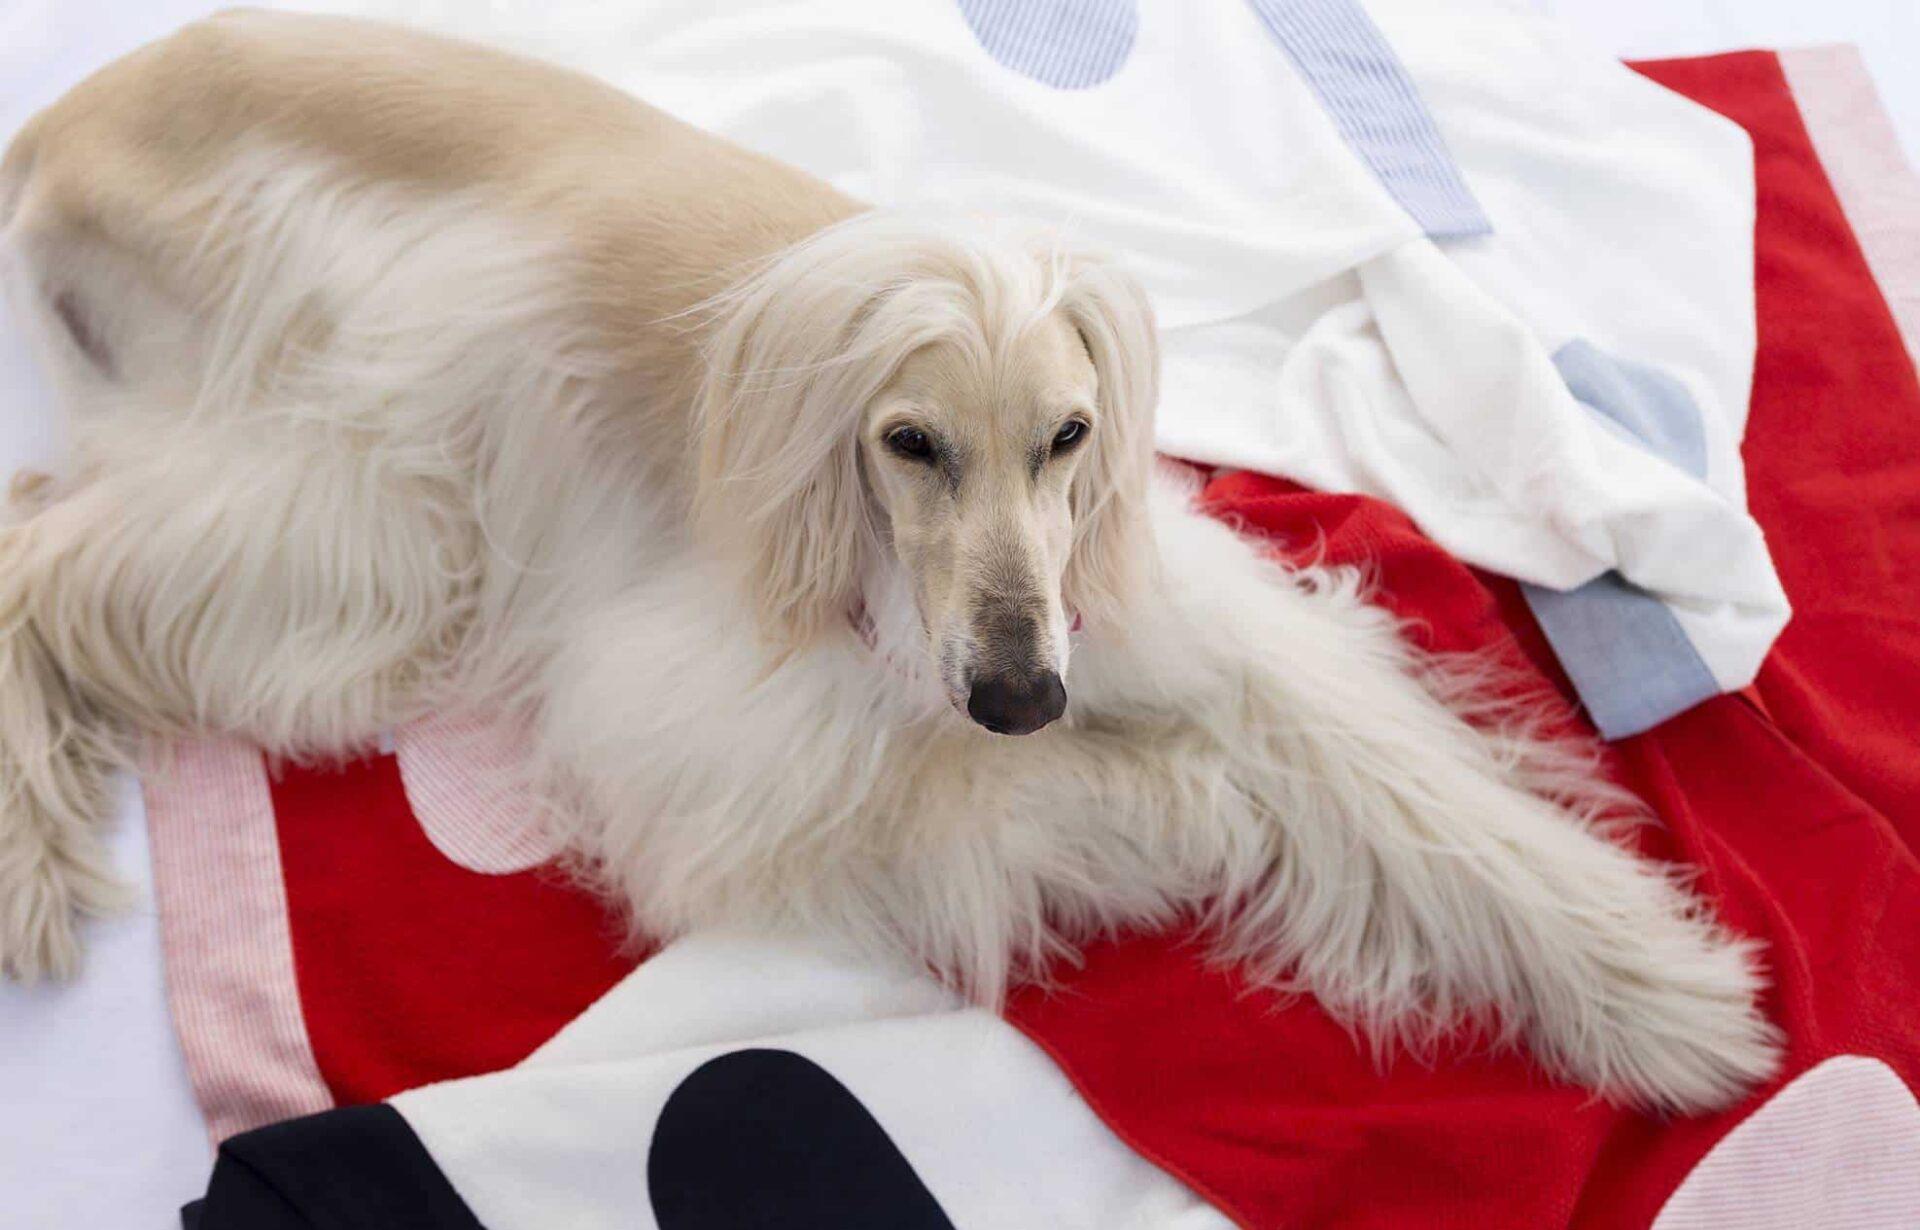 Temellini Milano Dog-à-Porter, la linea di abbigliamento e accessori pensata per il tuo più fedele amico